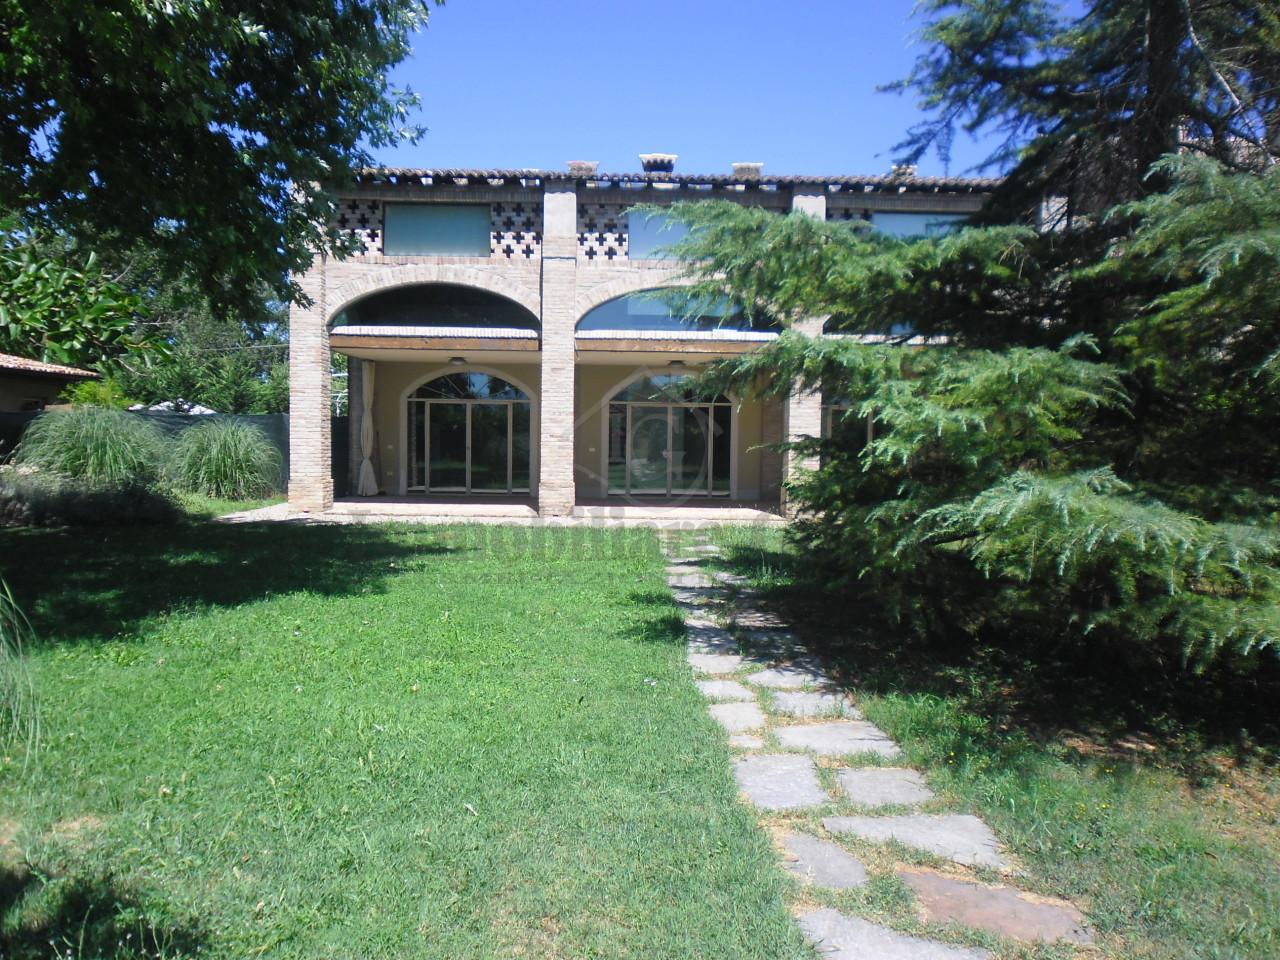 Villa - Singola a Lemignano, Collecchio